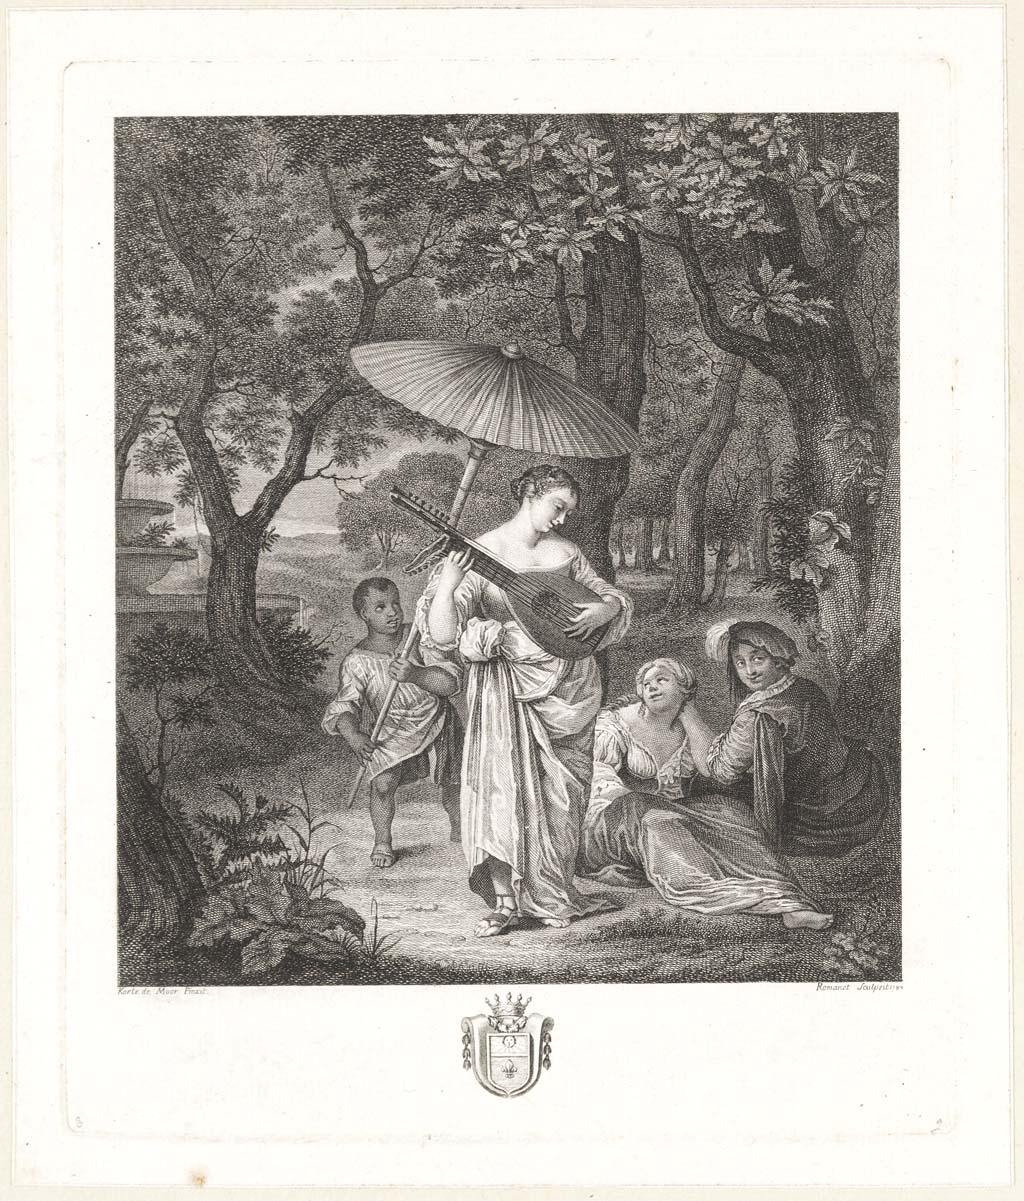 Luitspelende vrouw in park (franse titel: promenade dans un parc: une femme jouant du cistre)